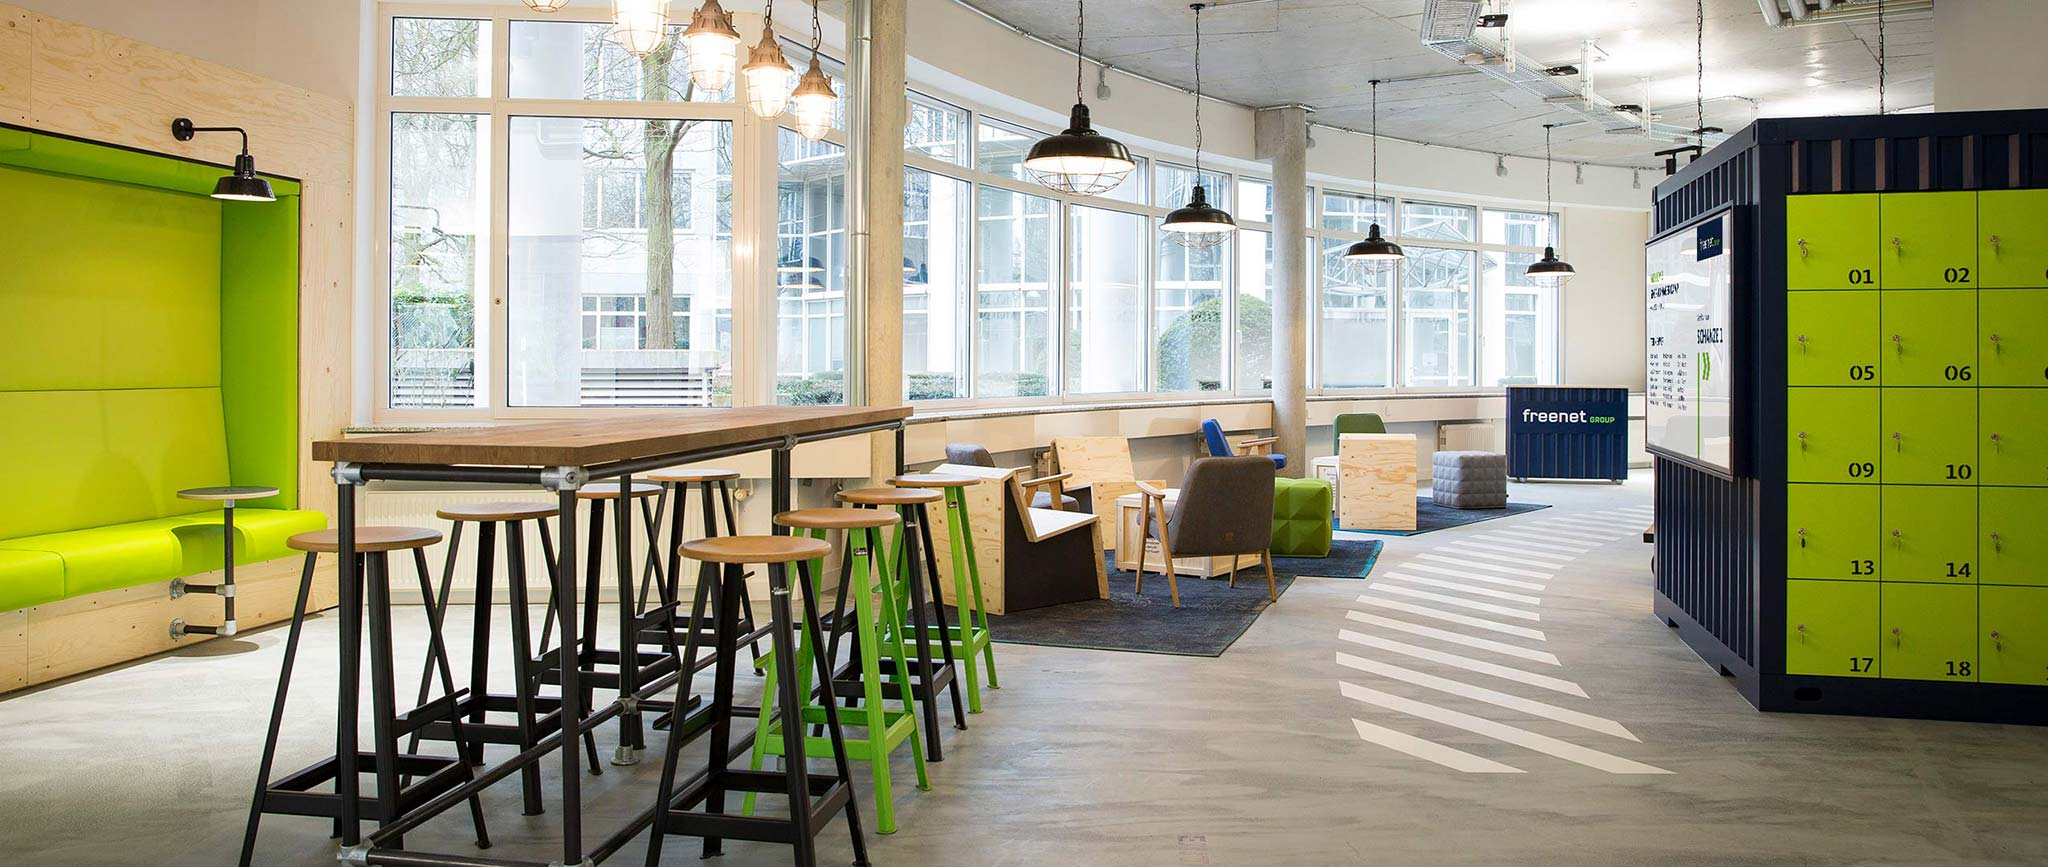 Interior Design für die freenet Group im Campus Hamburg von der Designagentur Preussisch Portugal